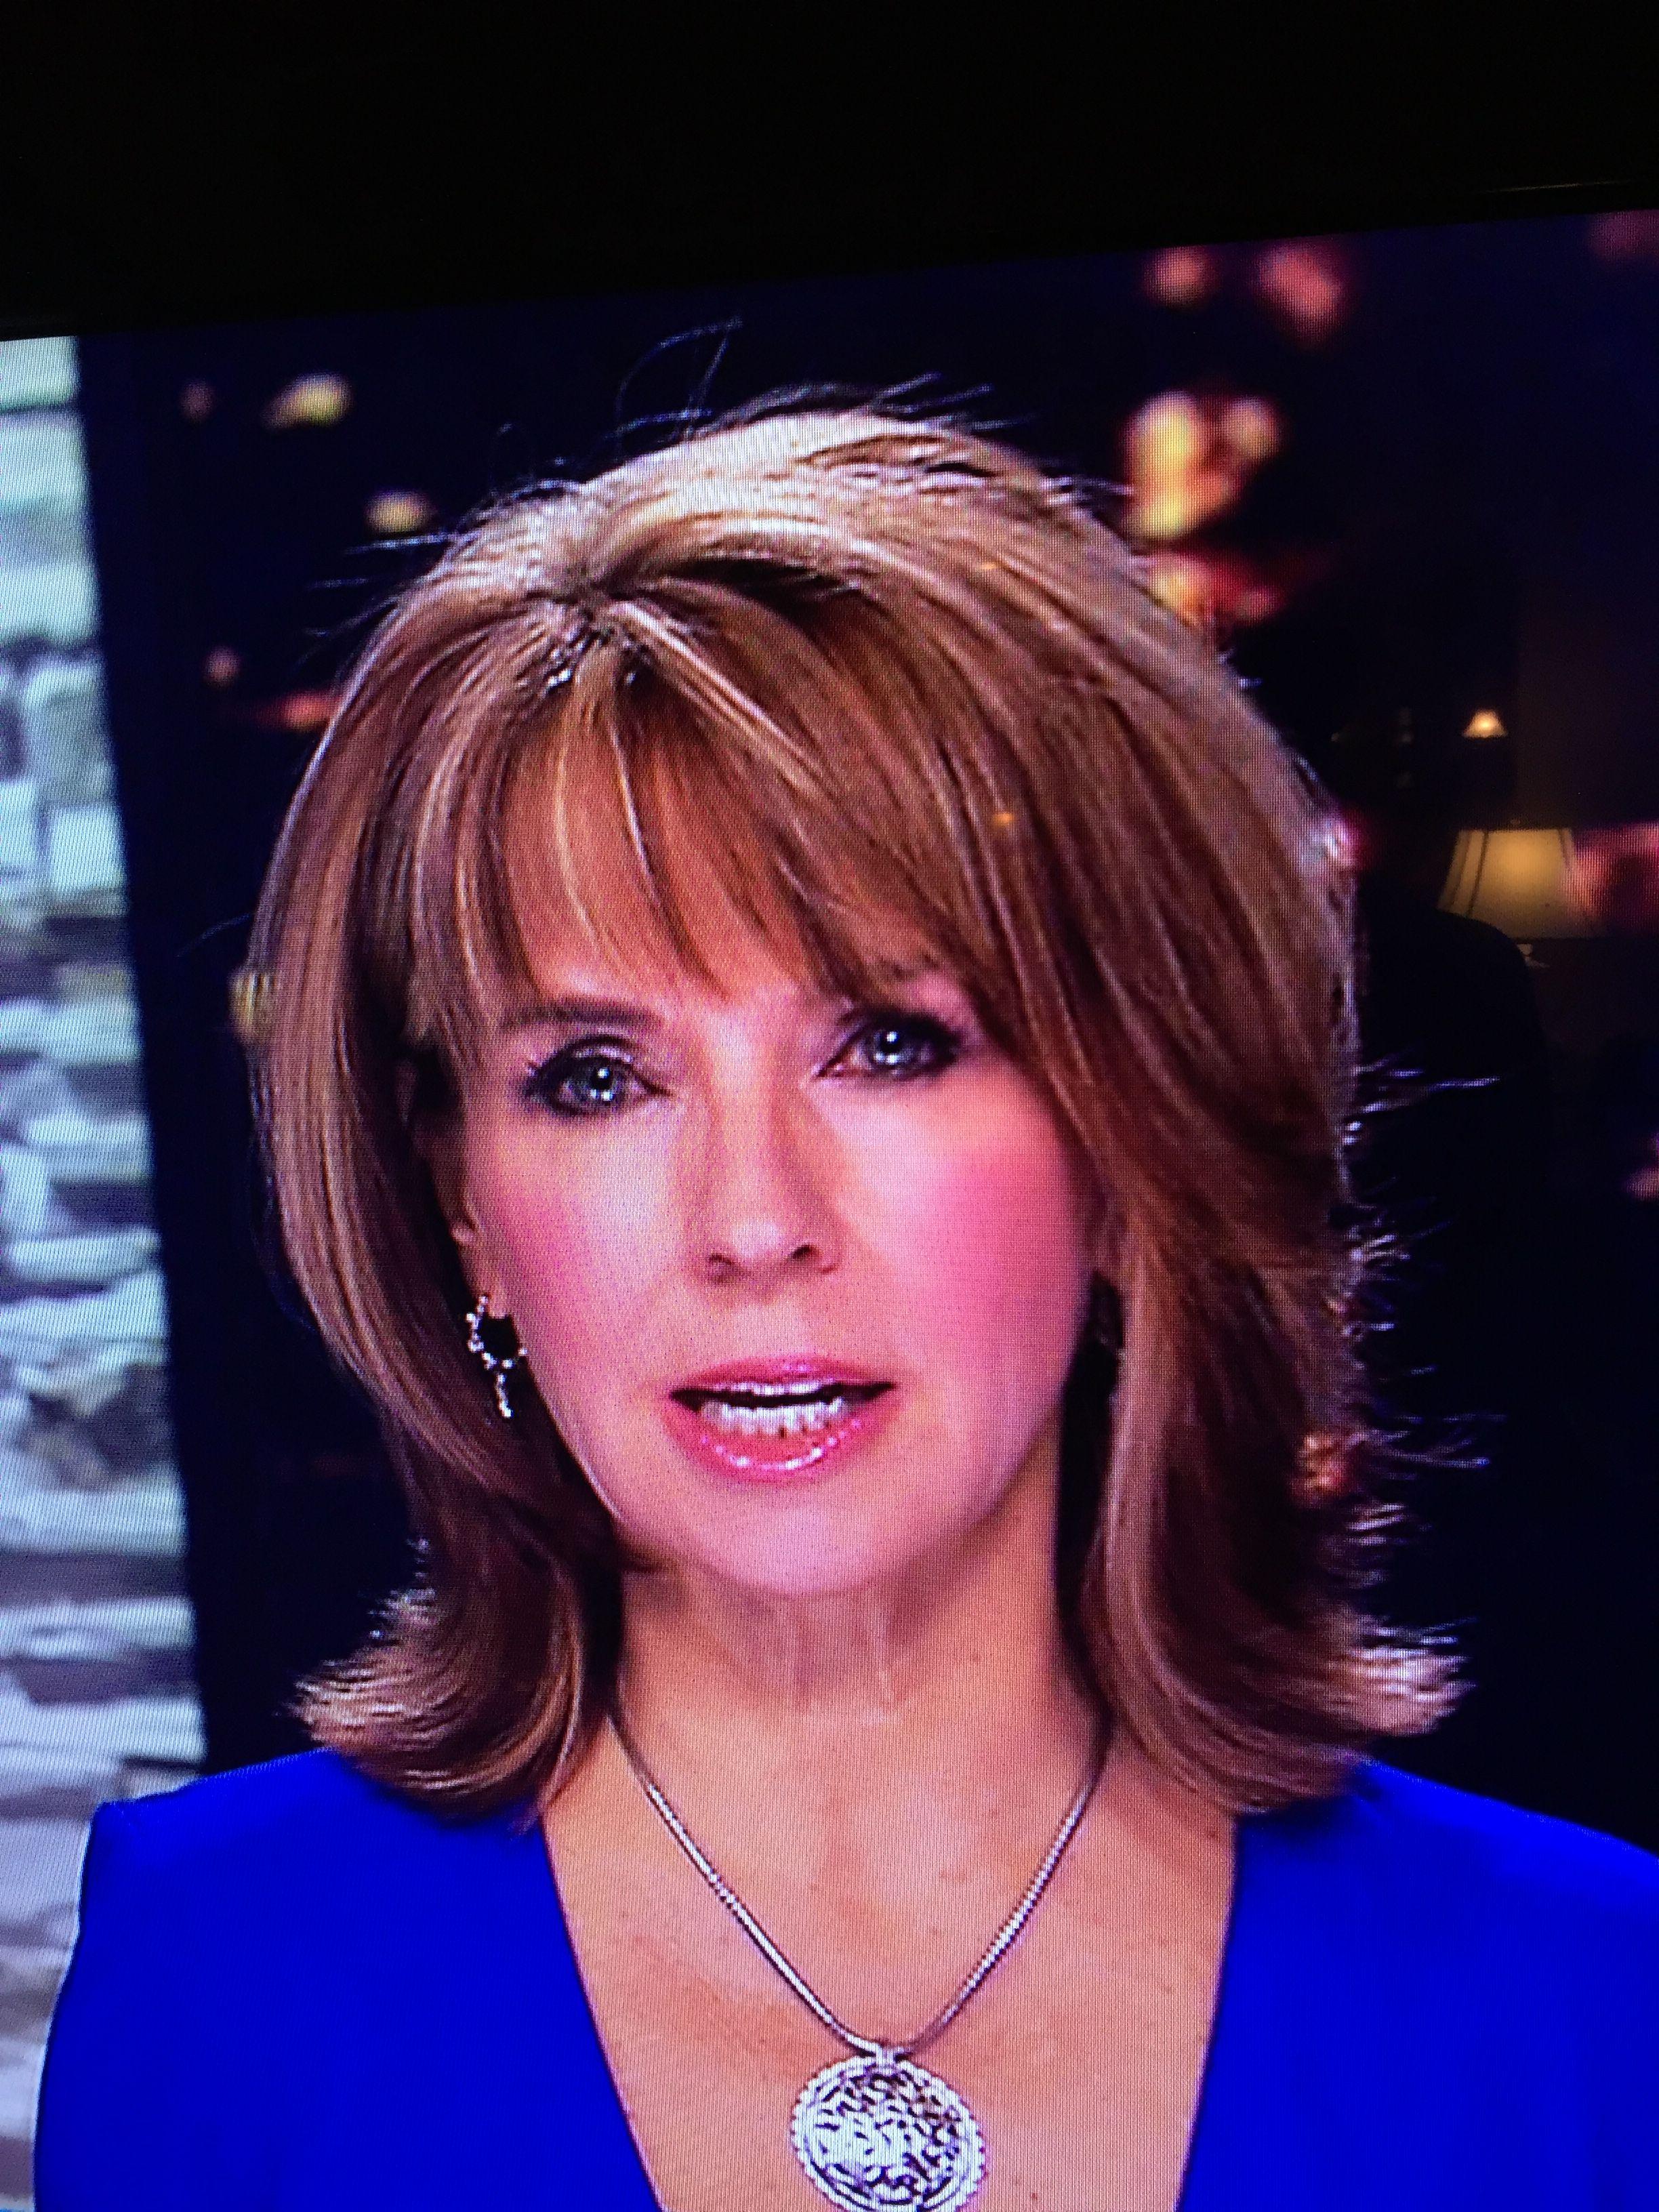 modern flip hairdo on news anchor, kim christiansen, for